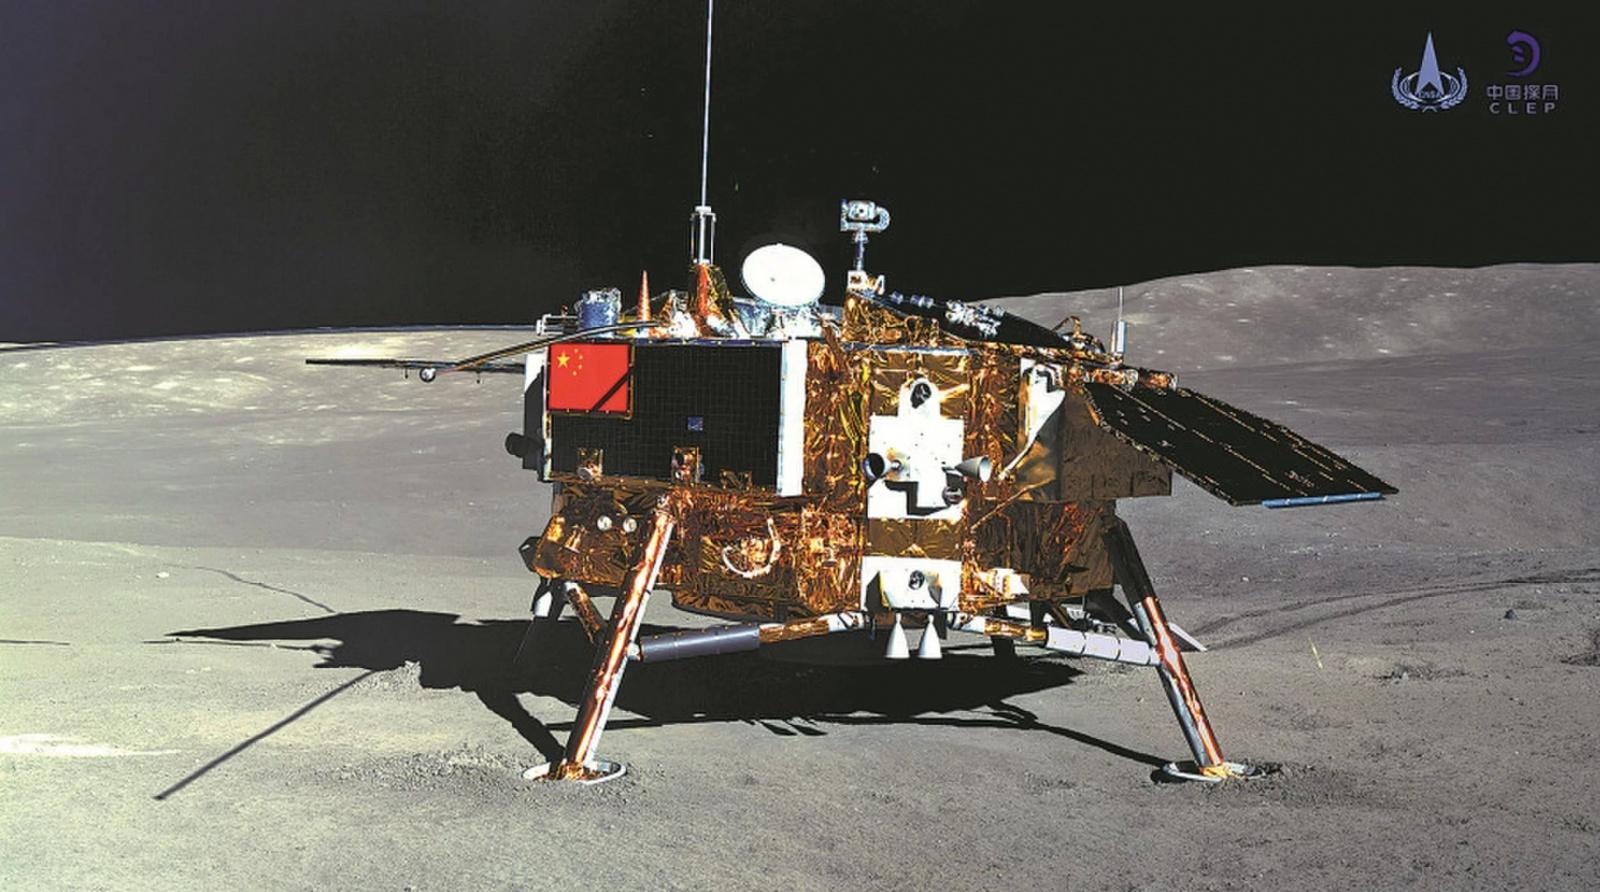 Лунная миссия «Берешит» — начаты поиски первой лунной библиотеки после аварии ее носителя - 39